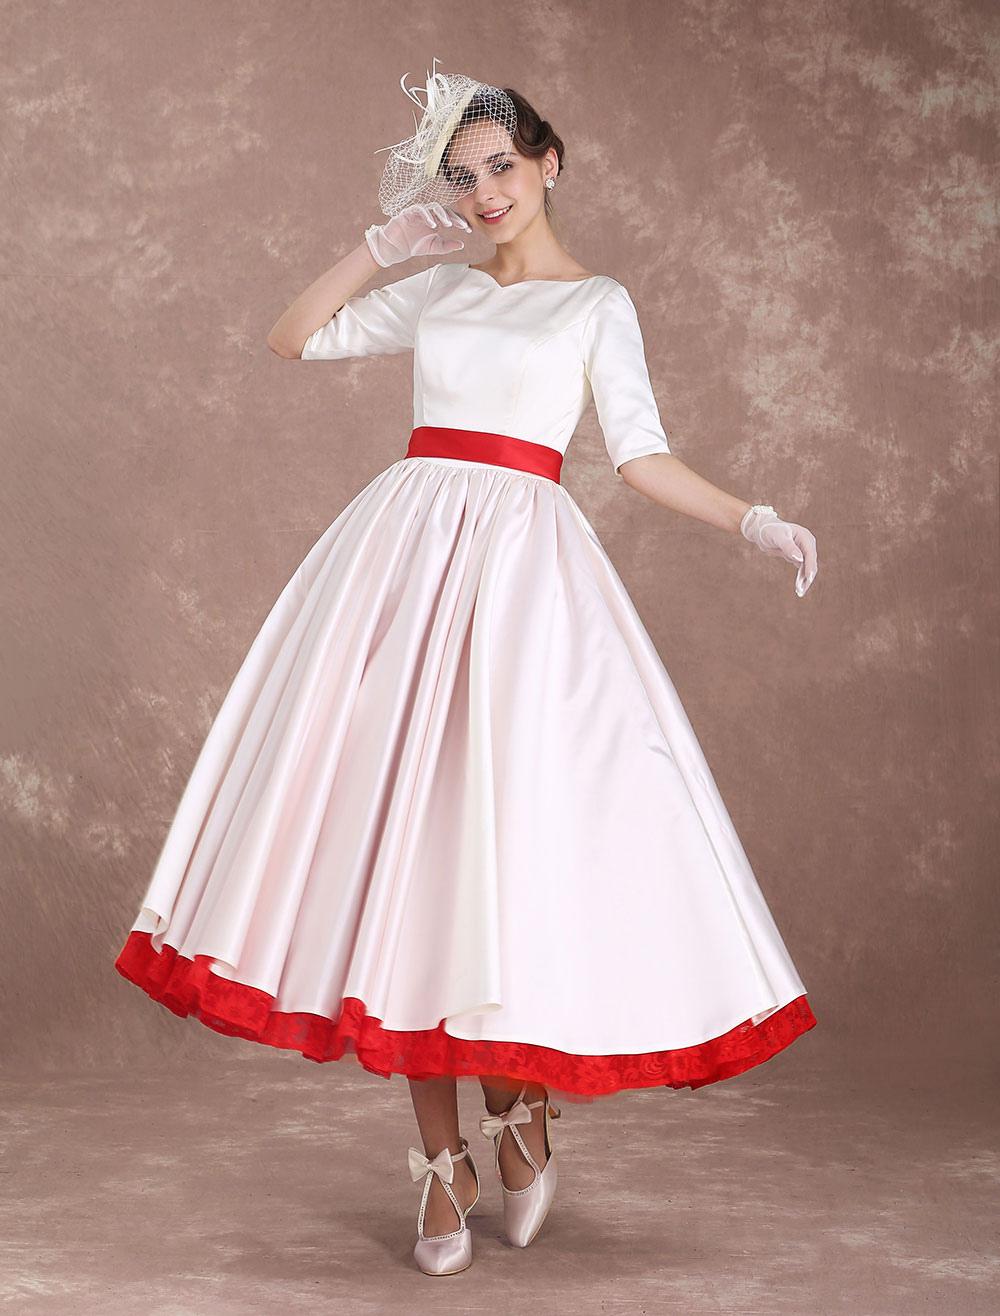 Rockabilly Wedding Dresses